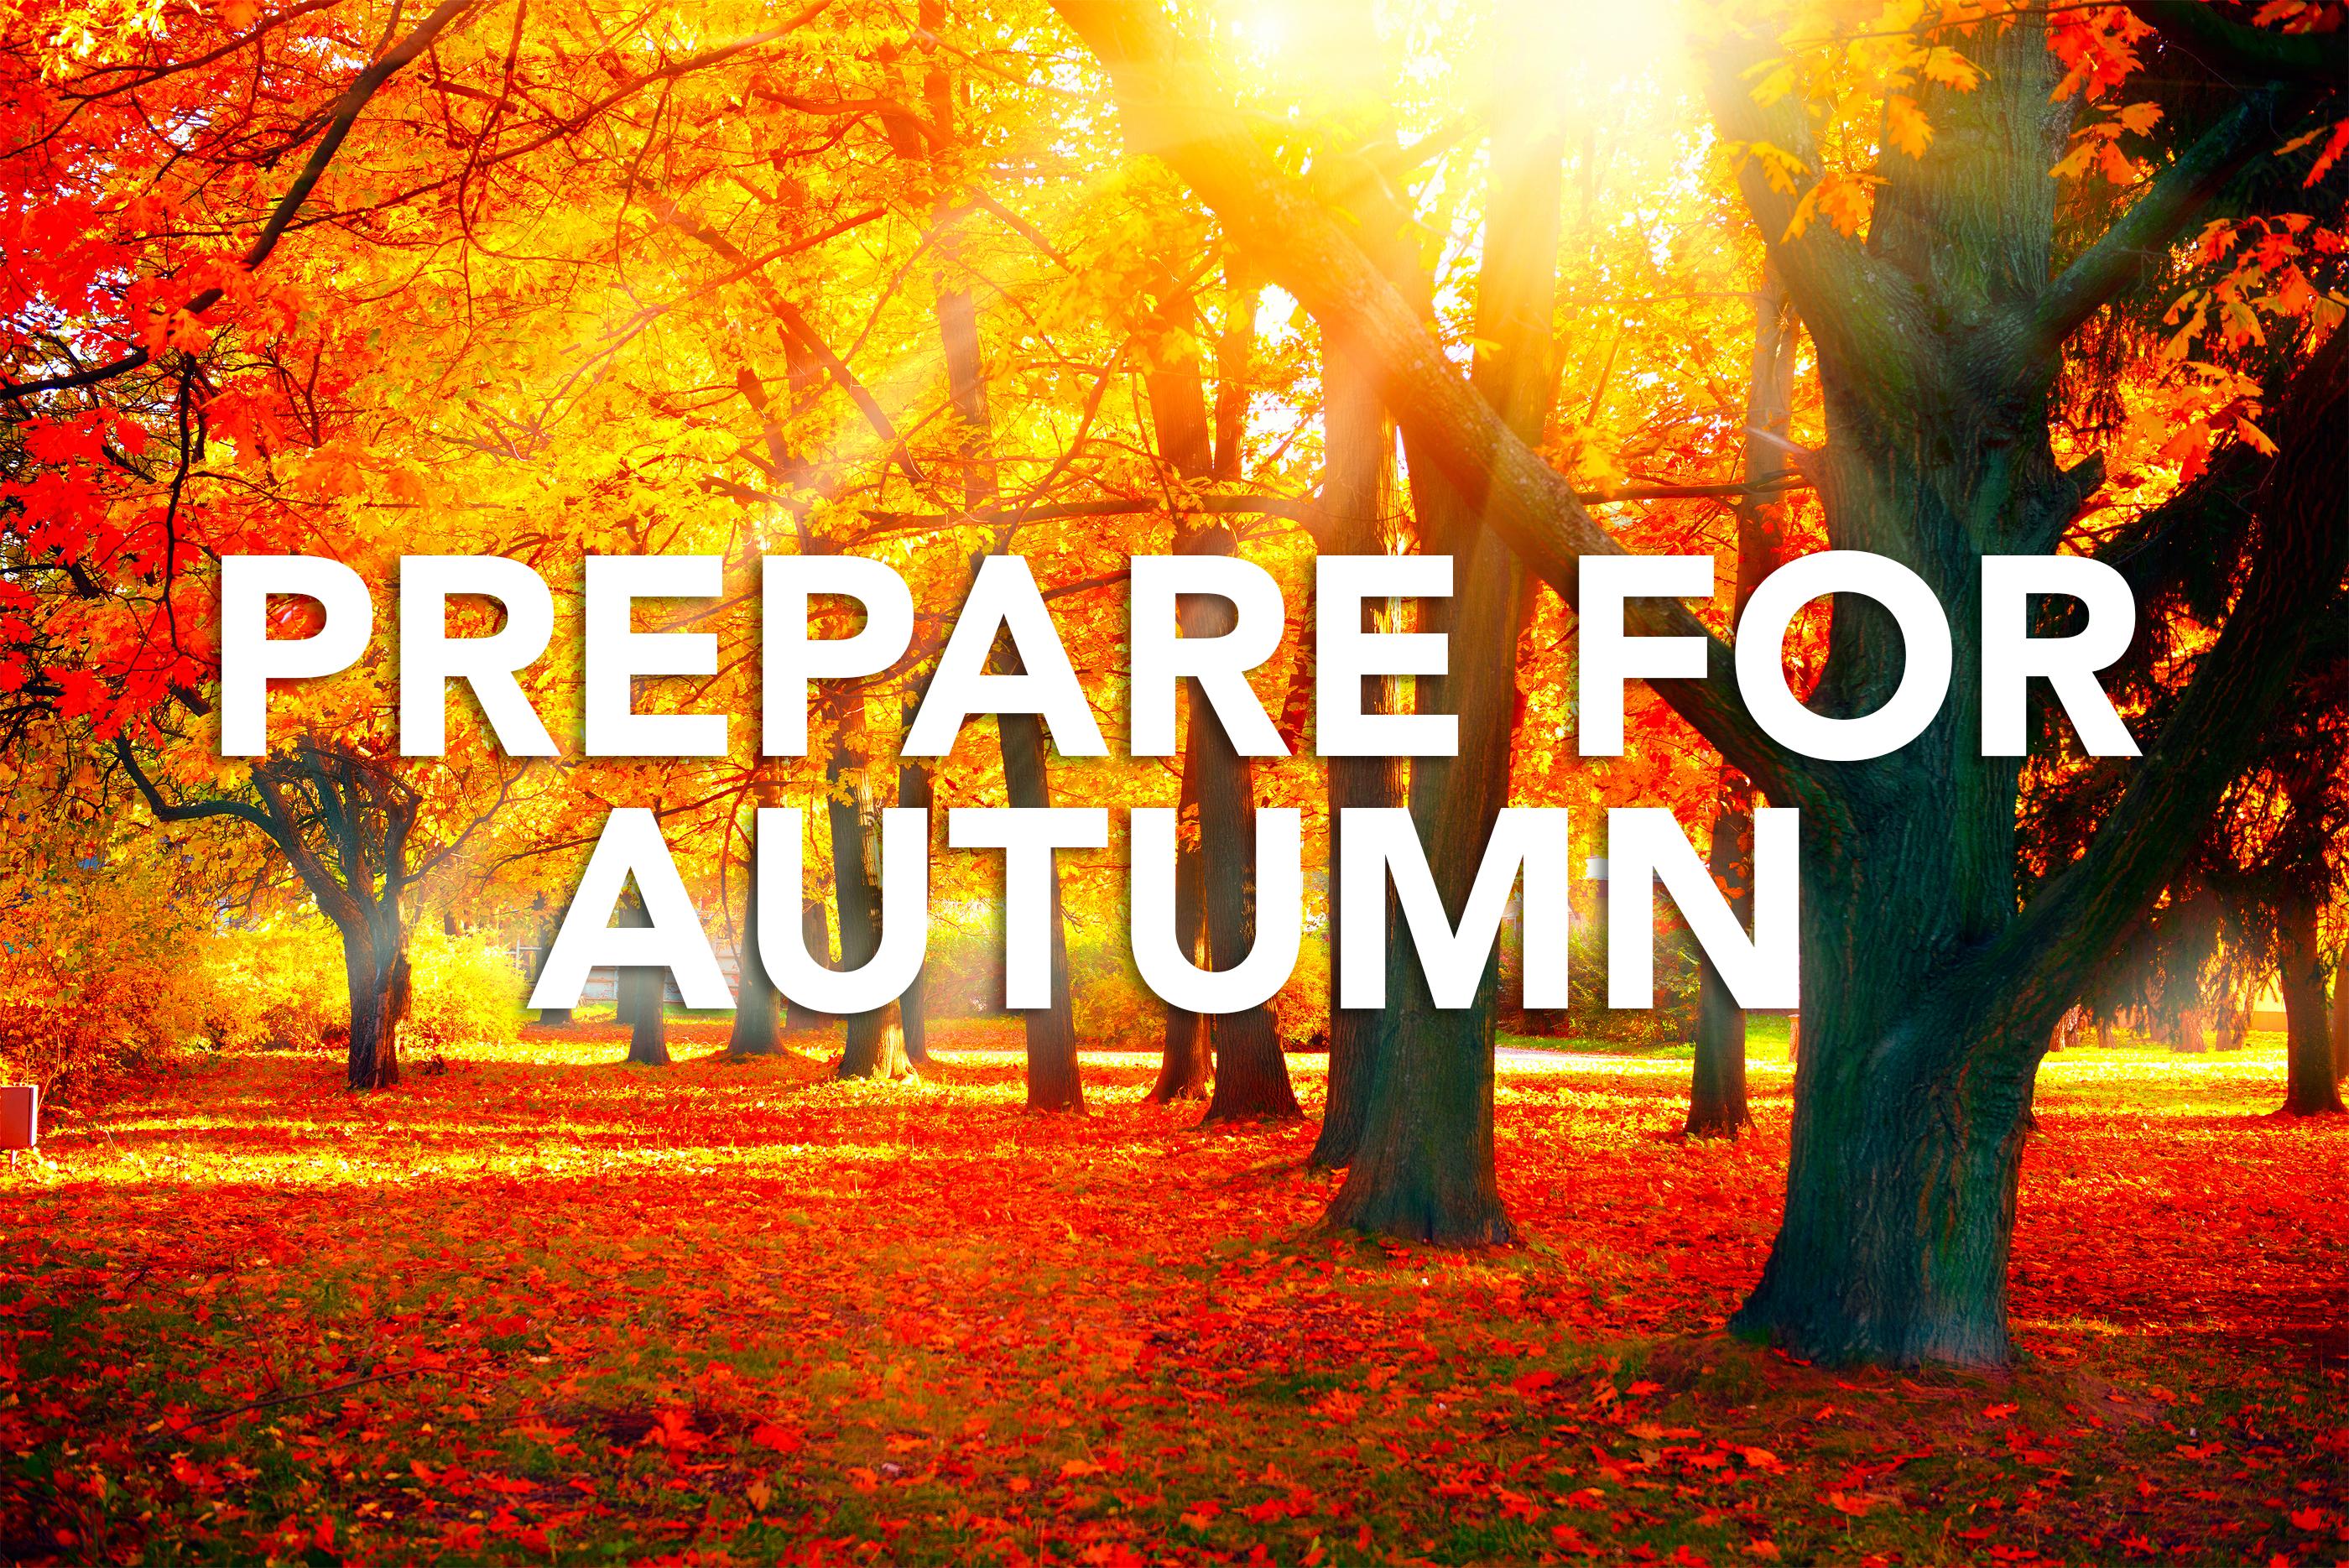 Prepare for Autumn